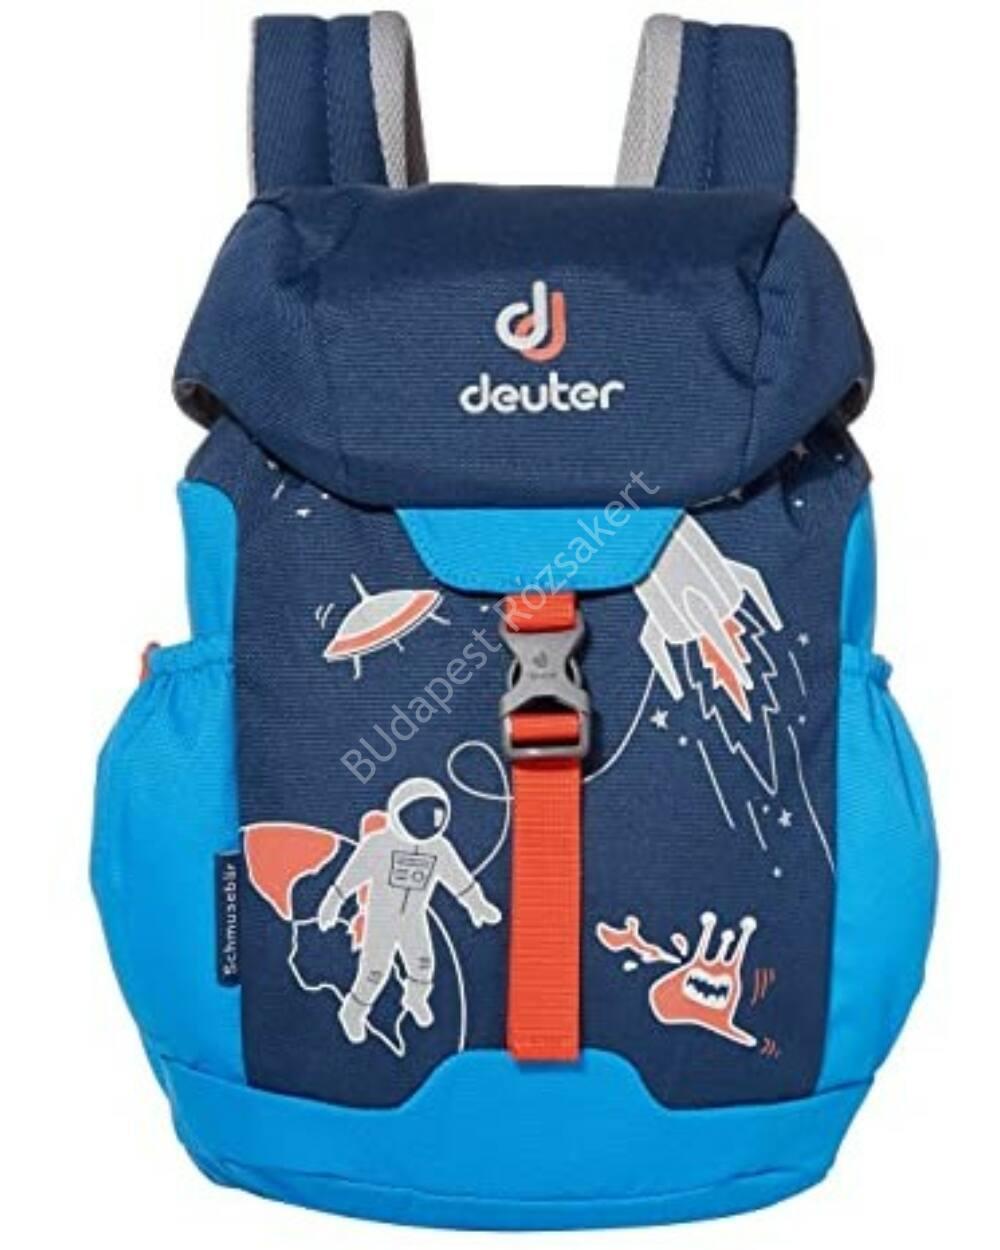 Deuter Schmusebar midnight-coolblue gyerek hátizsák, 8 literes